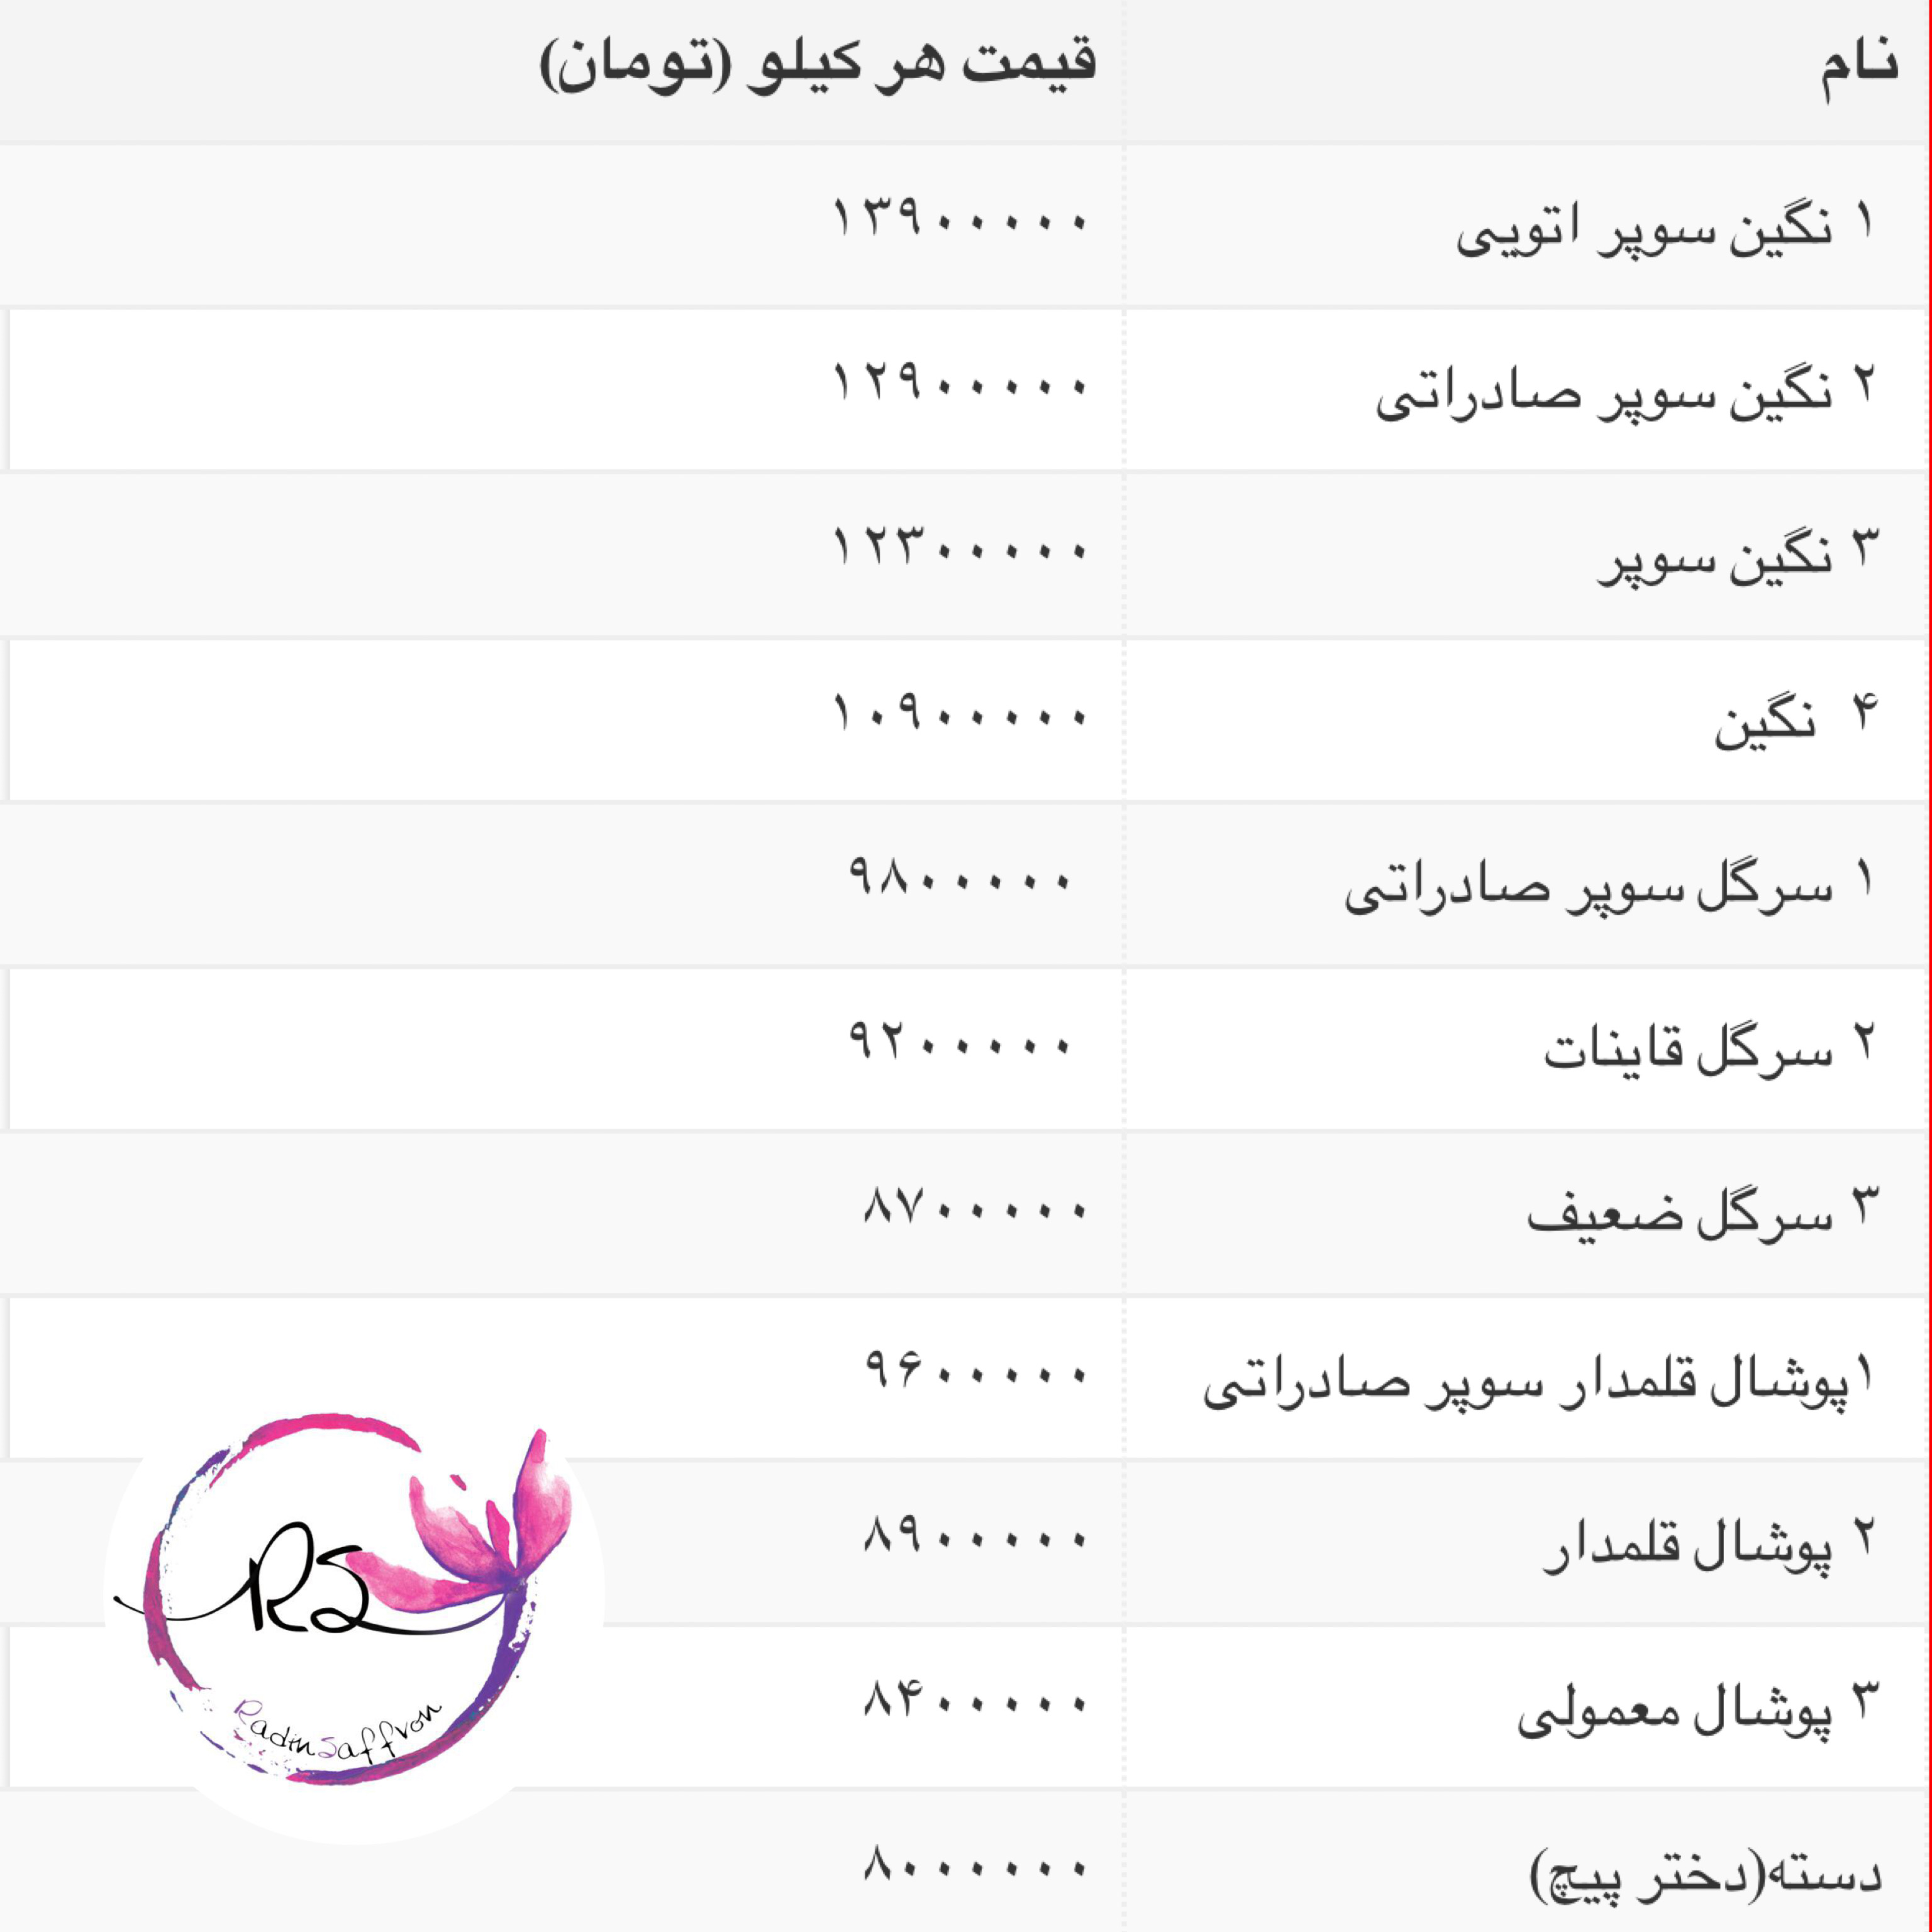 قیمت روز زعفران ۲۲ دی ماه